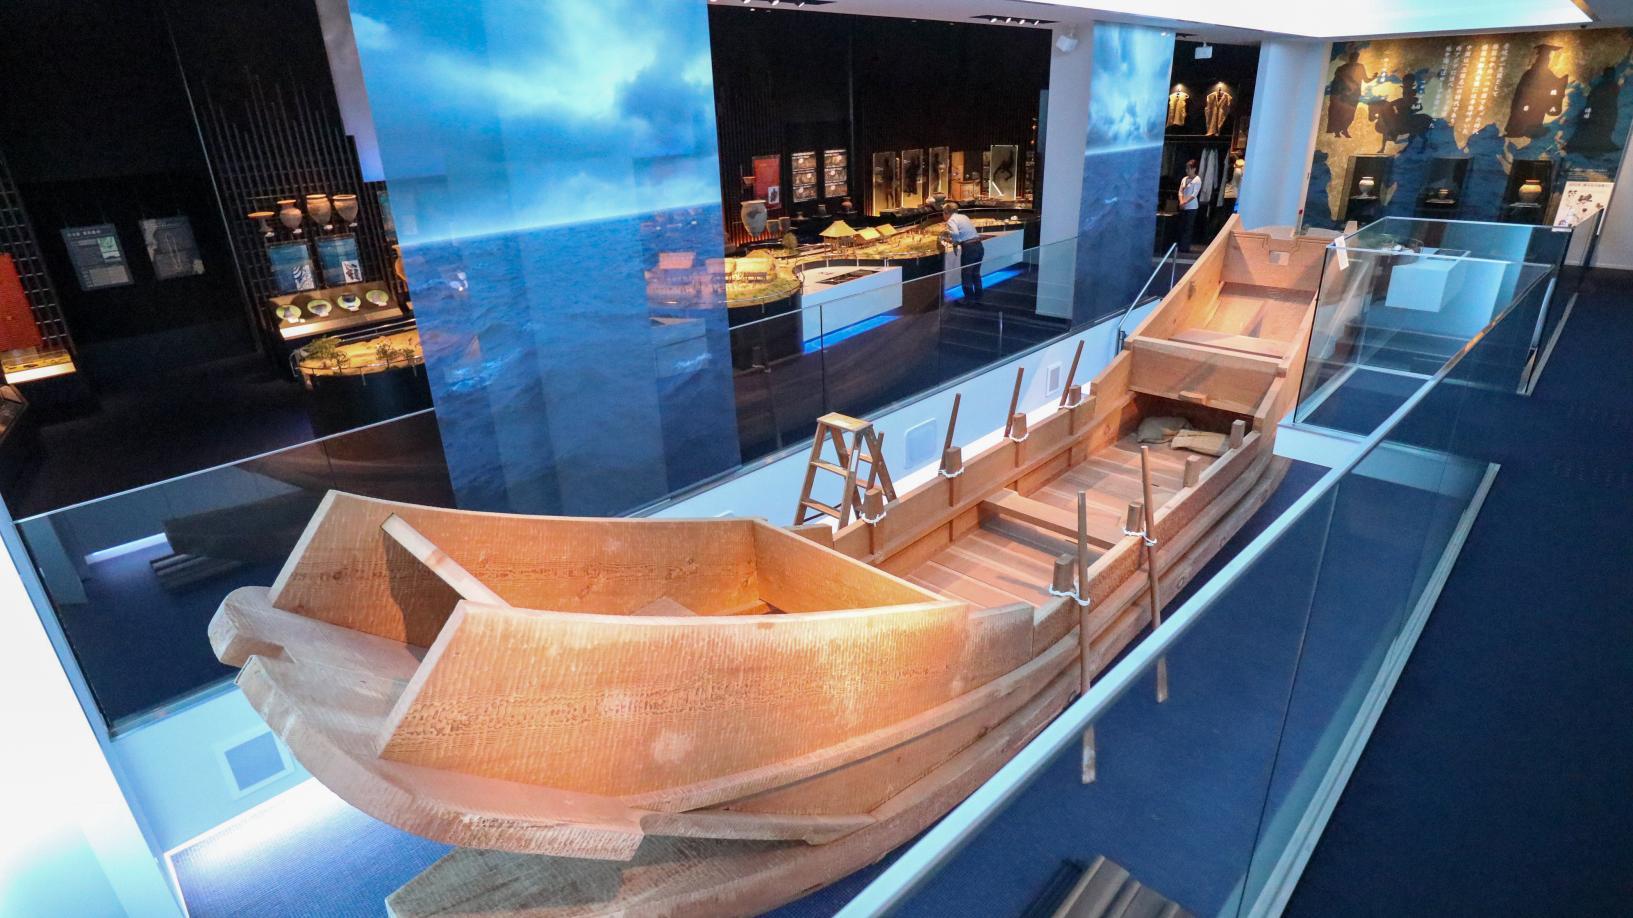 壱岐の歴史を楽しく学べる「一支国(いきこく)博物館」-3